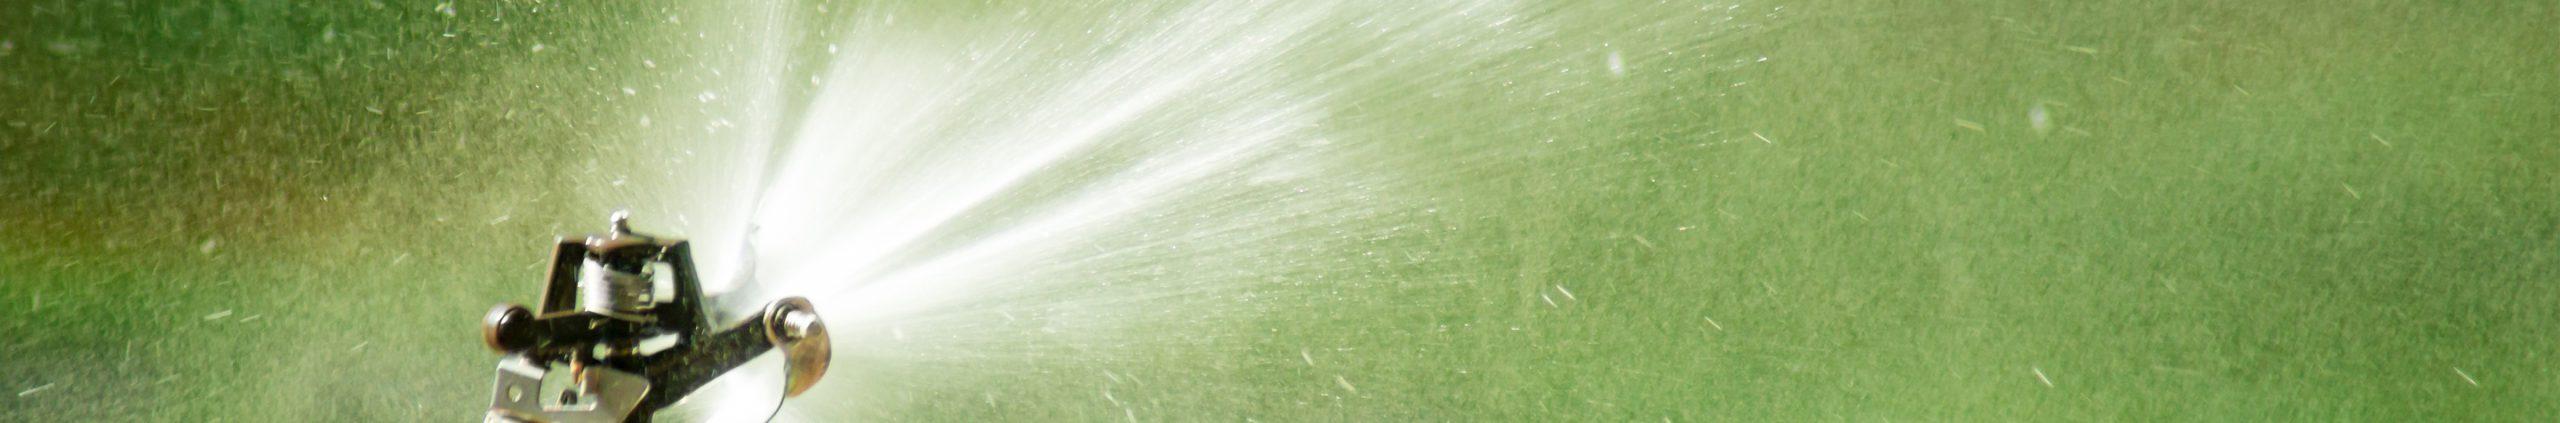 reinigen sproeien